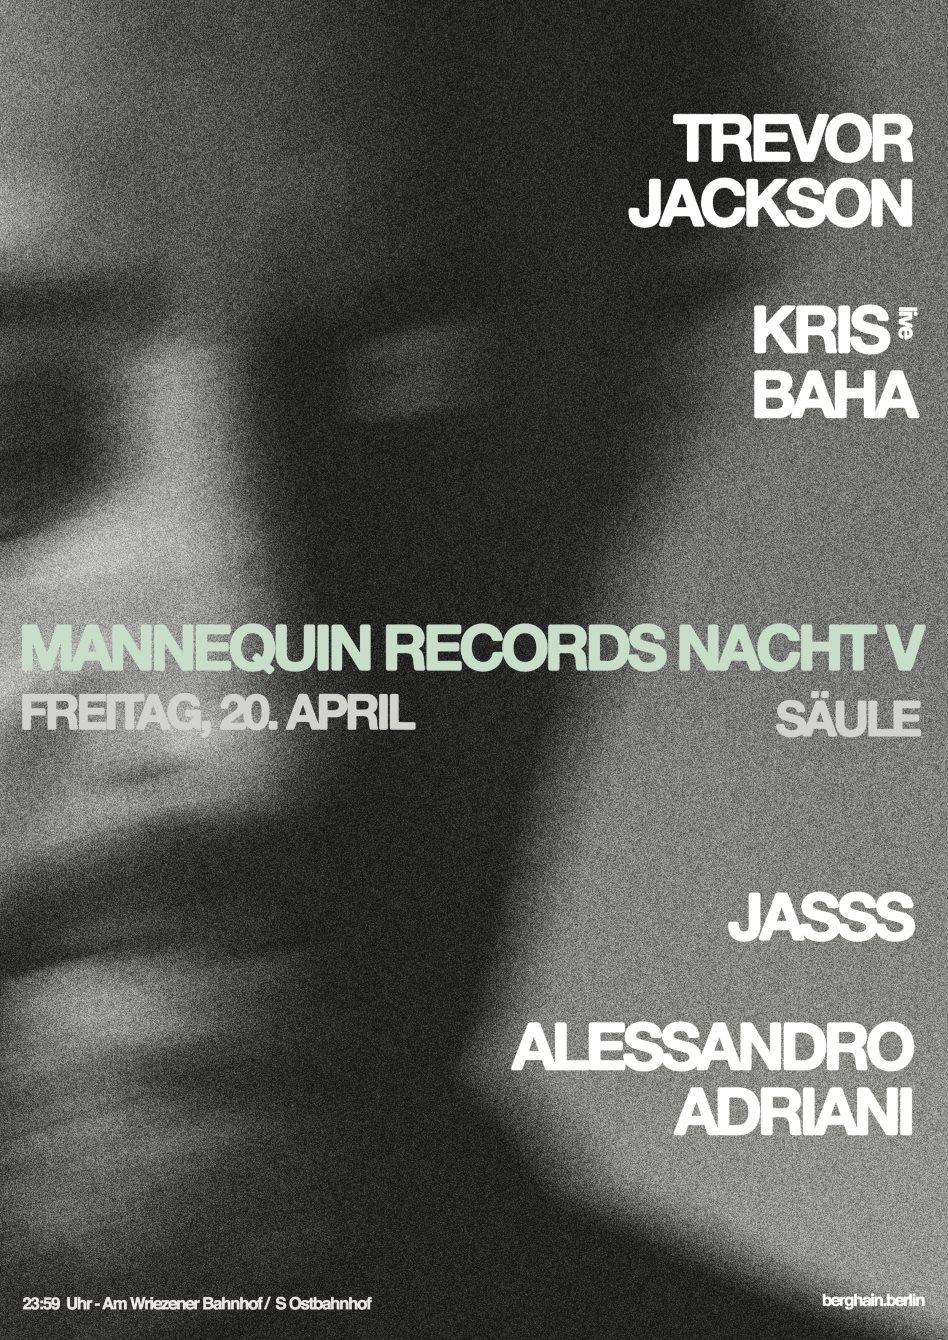 Mannequin Records Nacht V - Flyer back